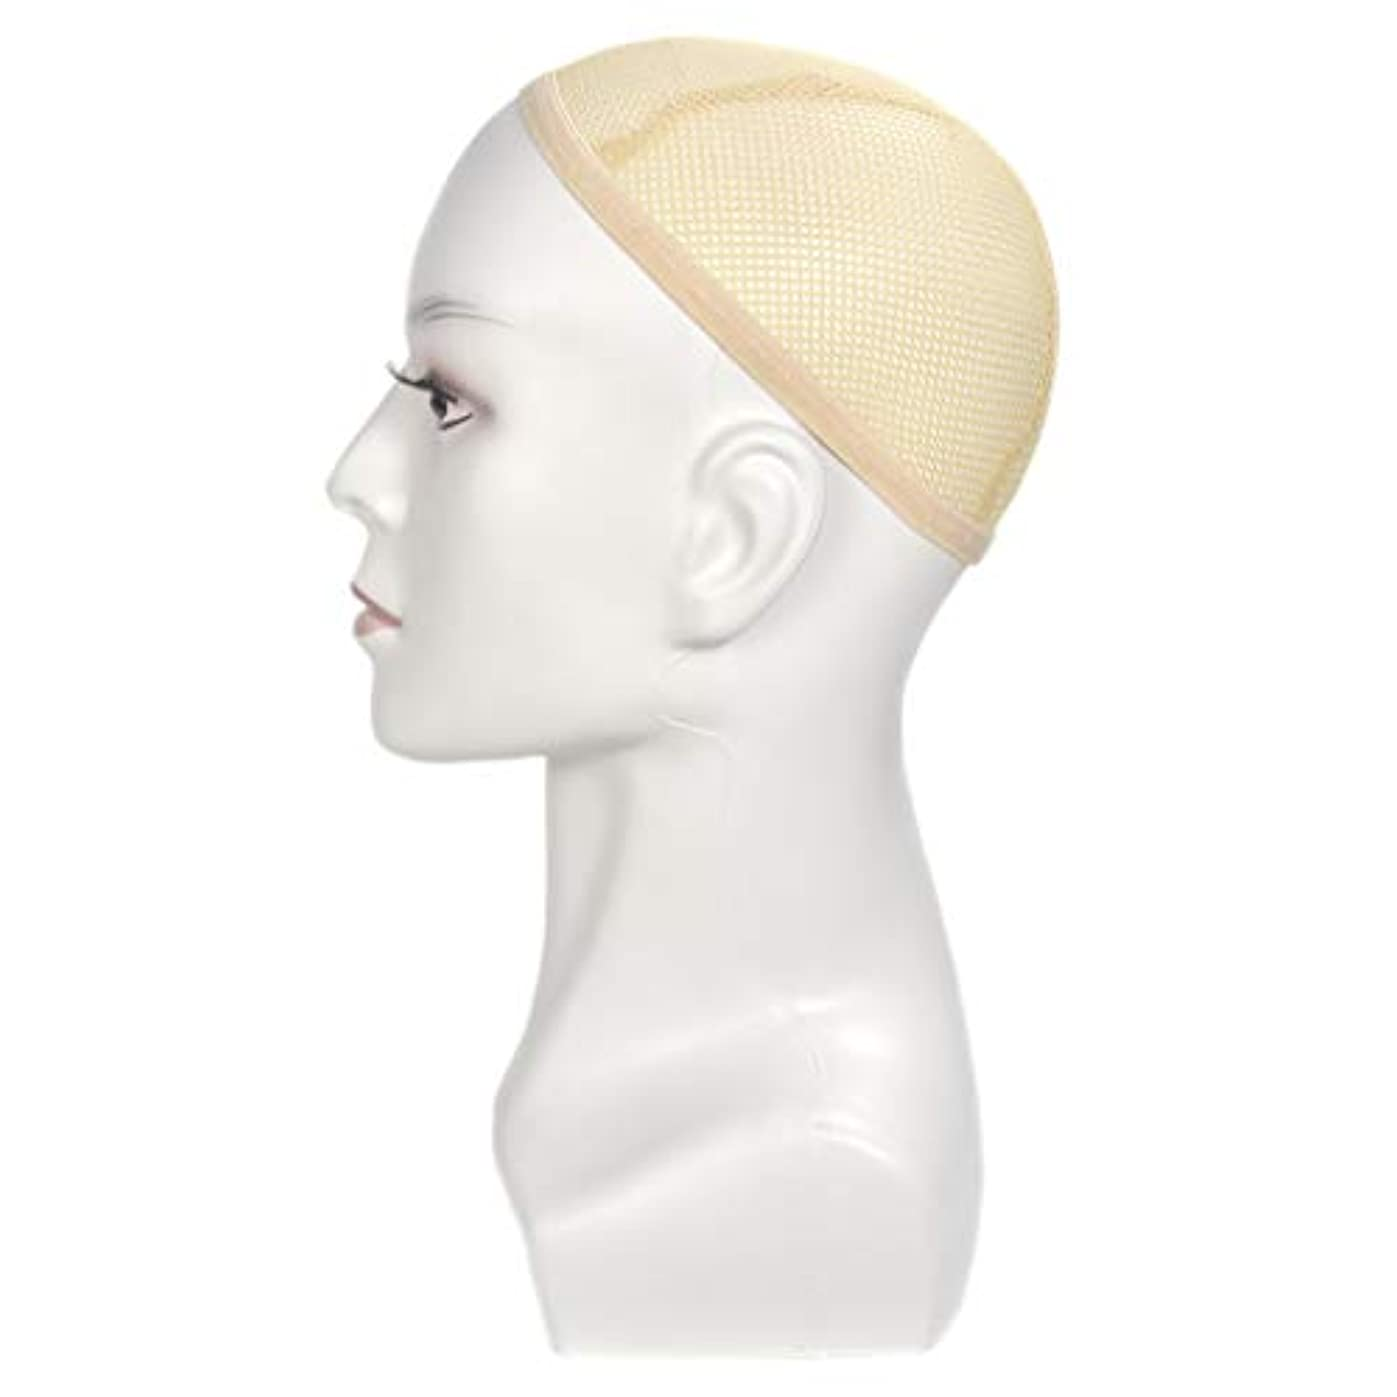 チューブフォージ廃止ウィッグ用マネキンヘッドディスプレイスタイリング理髪トレーニングヘッド13.8インチ-色の選択 - 白